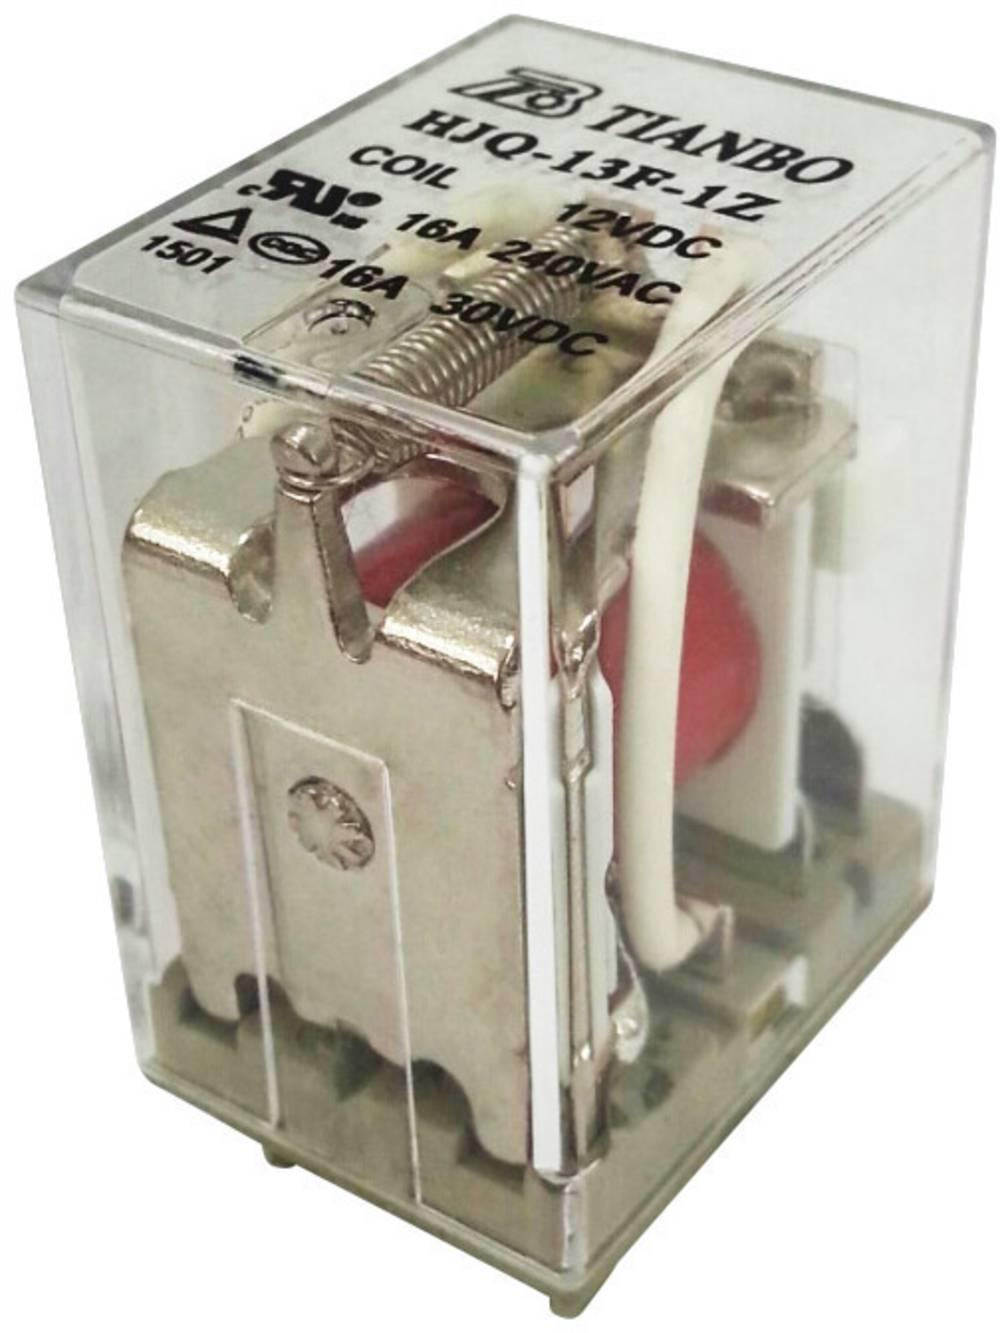 Stikrelæ 230 V/AC 20 A 1 x skiftekontakt Tianbo Electronics HJQ-13F-1Z -220/240VAC 1 stk